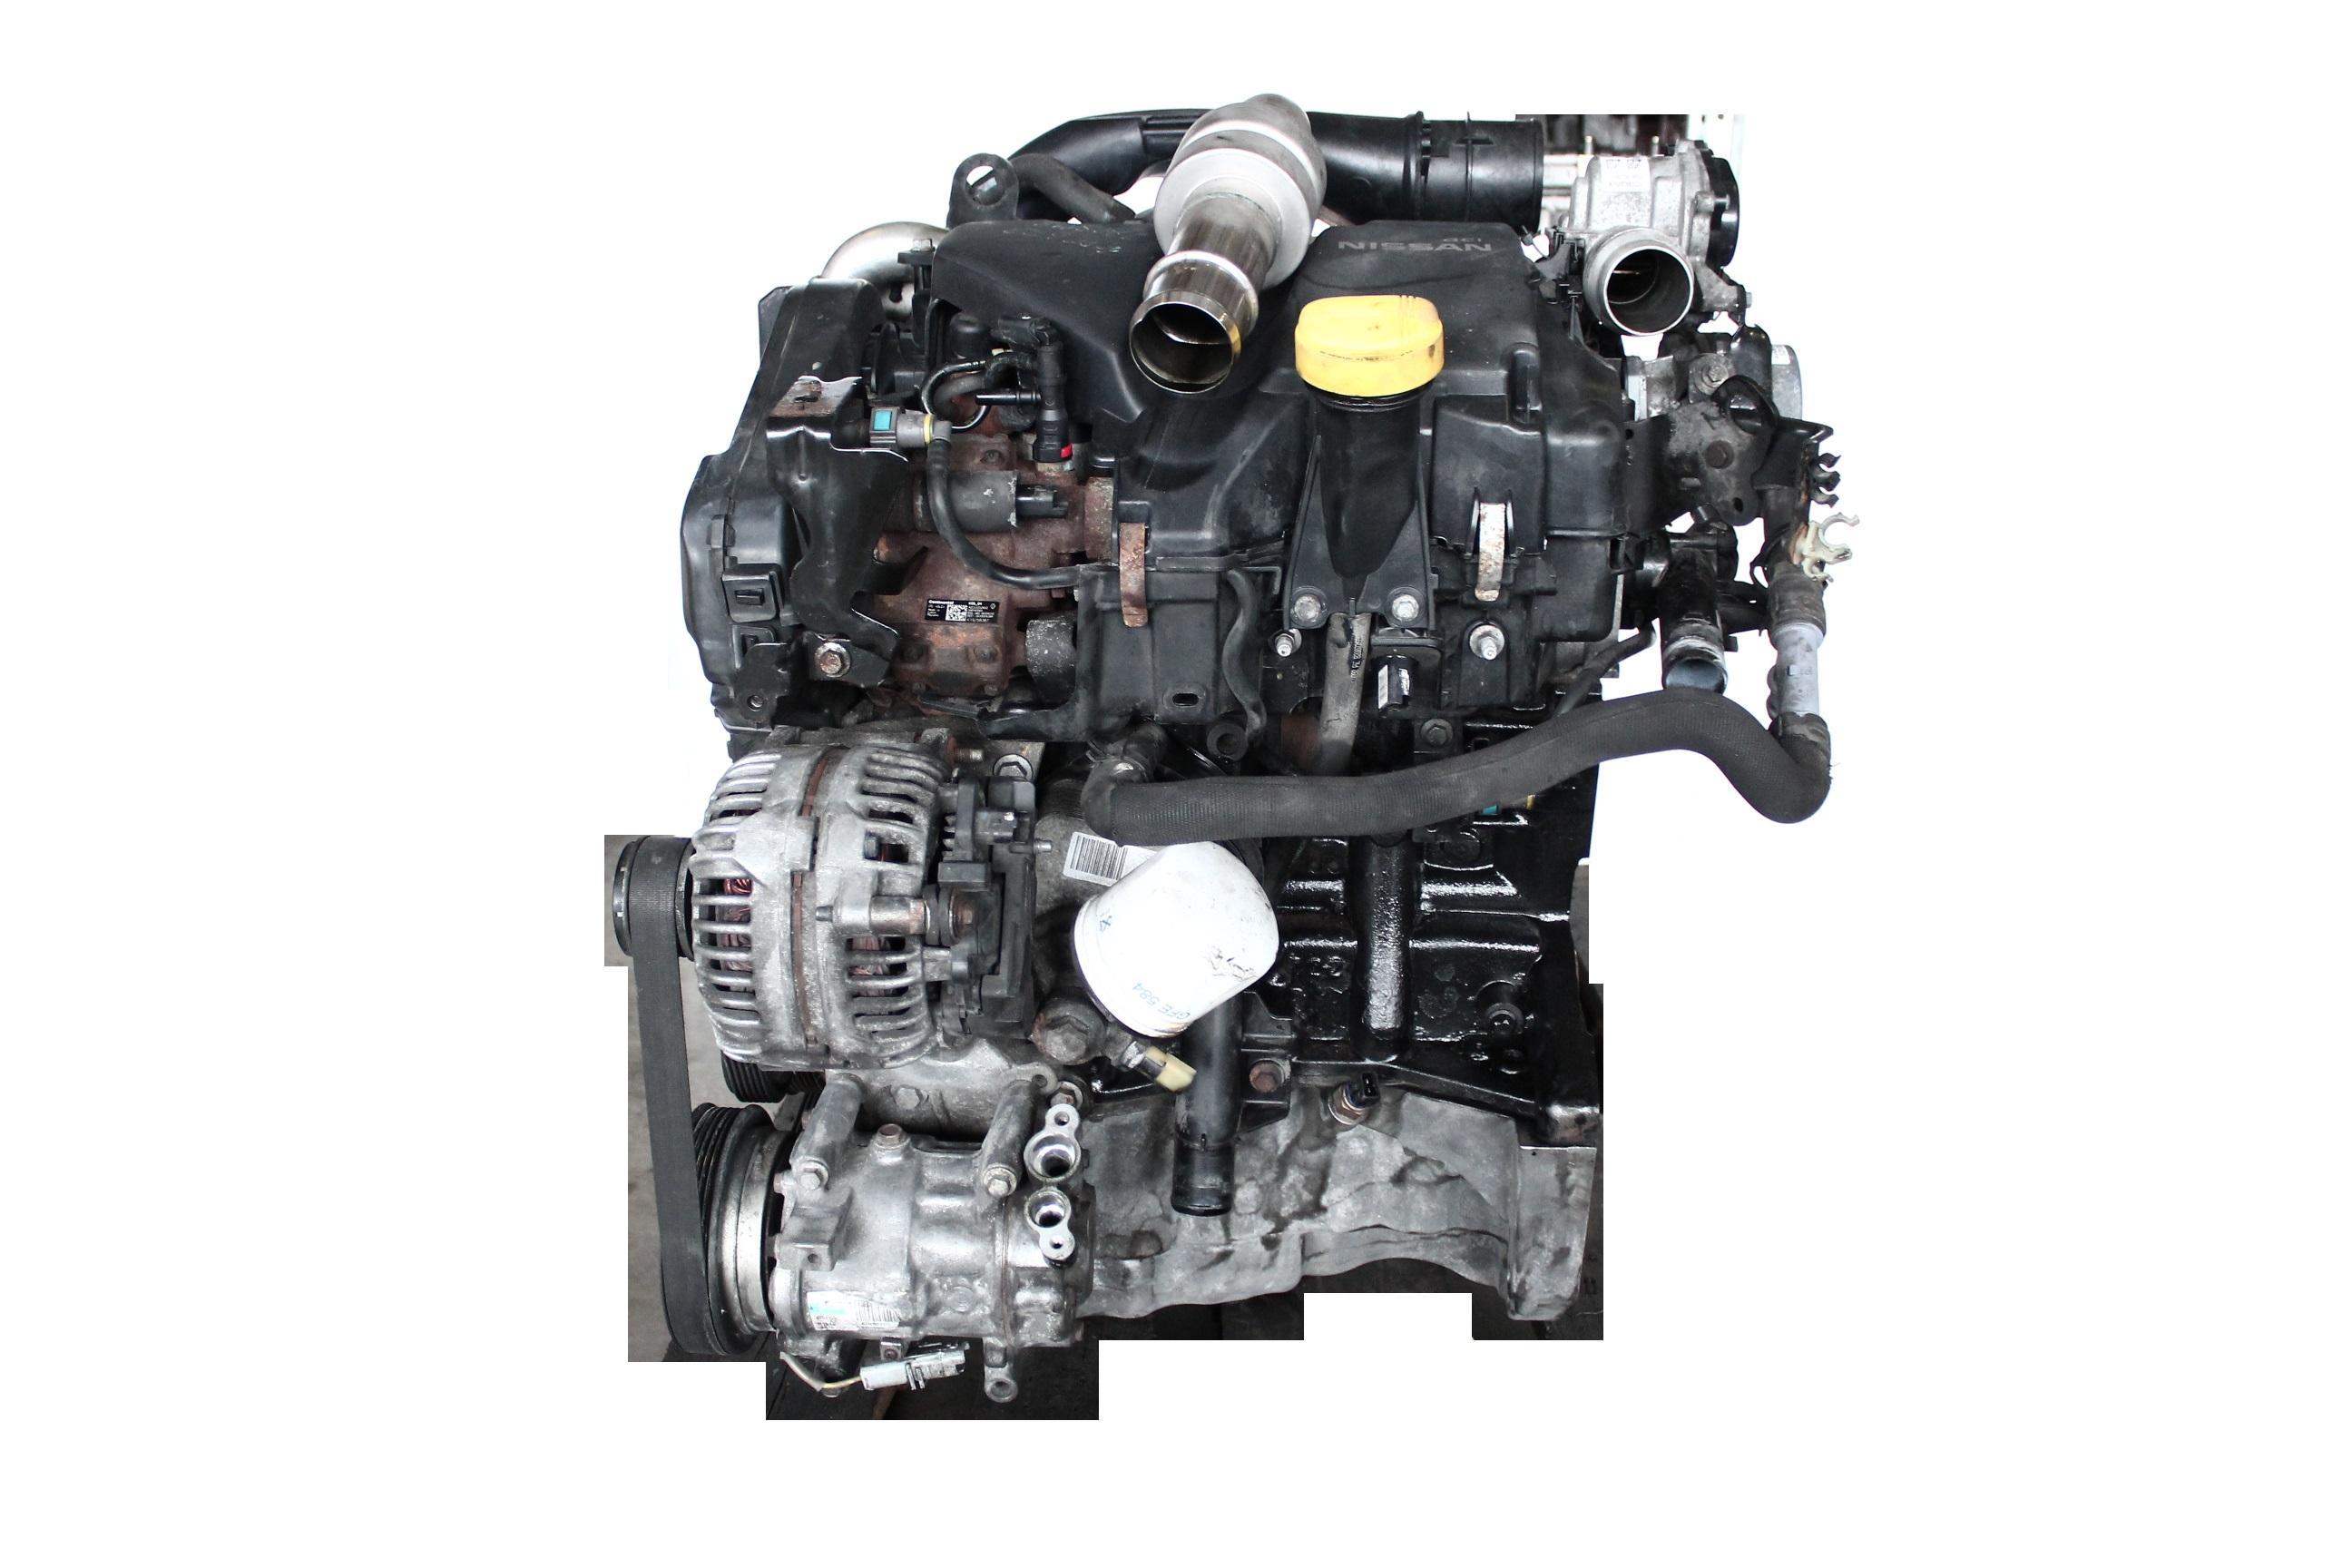 Motor 2011 für Nissan 1,5 dCi Diesel K9K K9K460